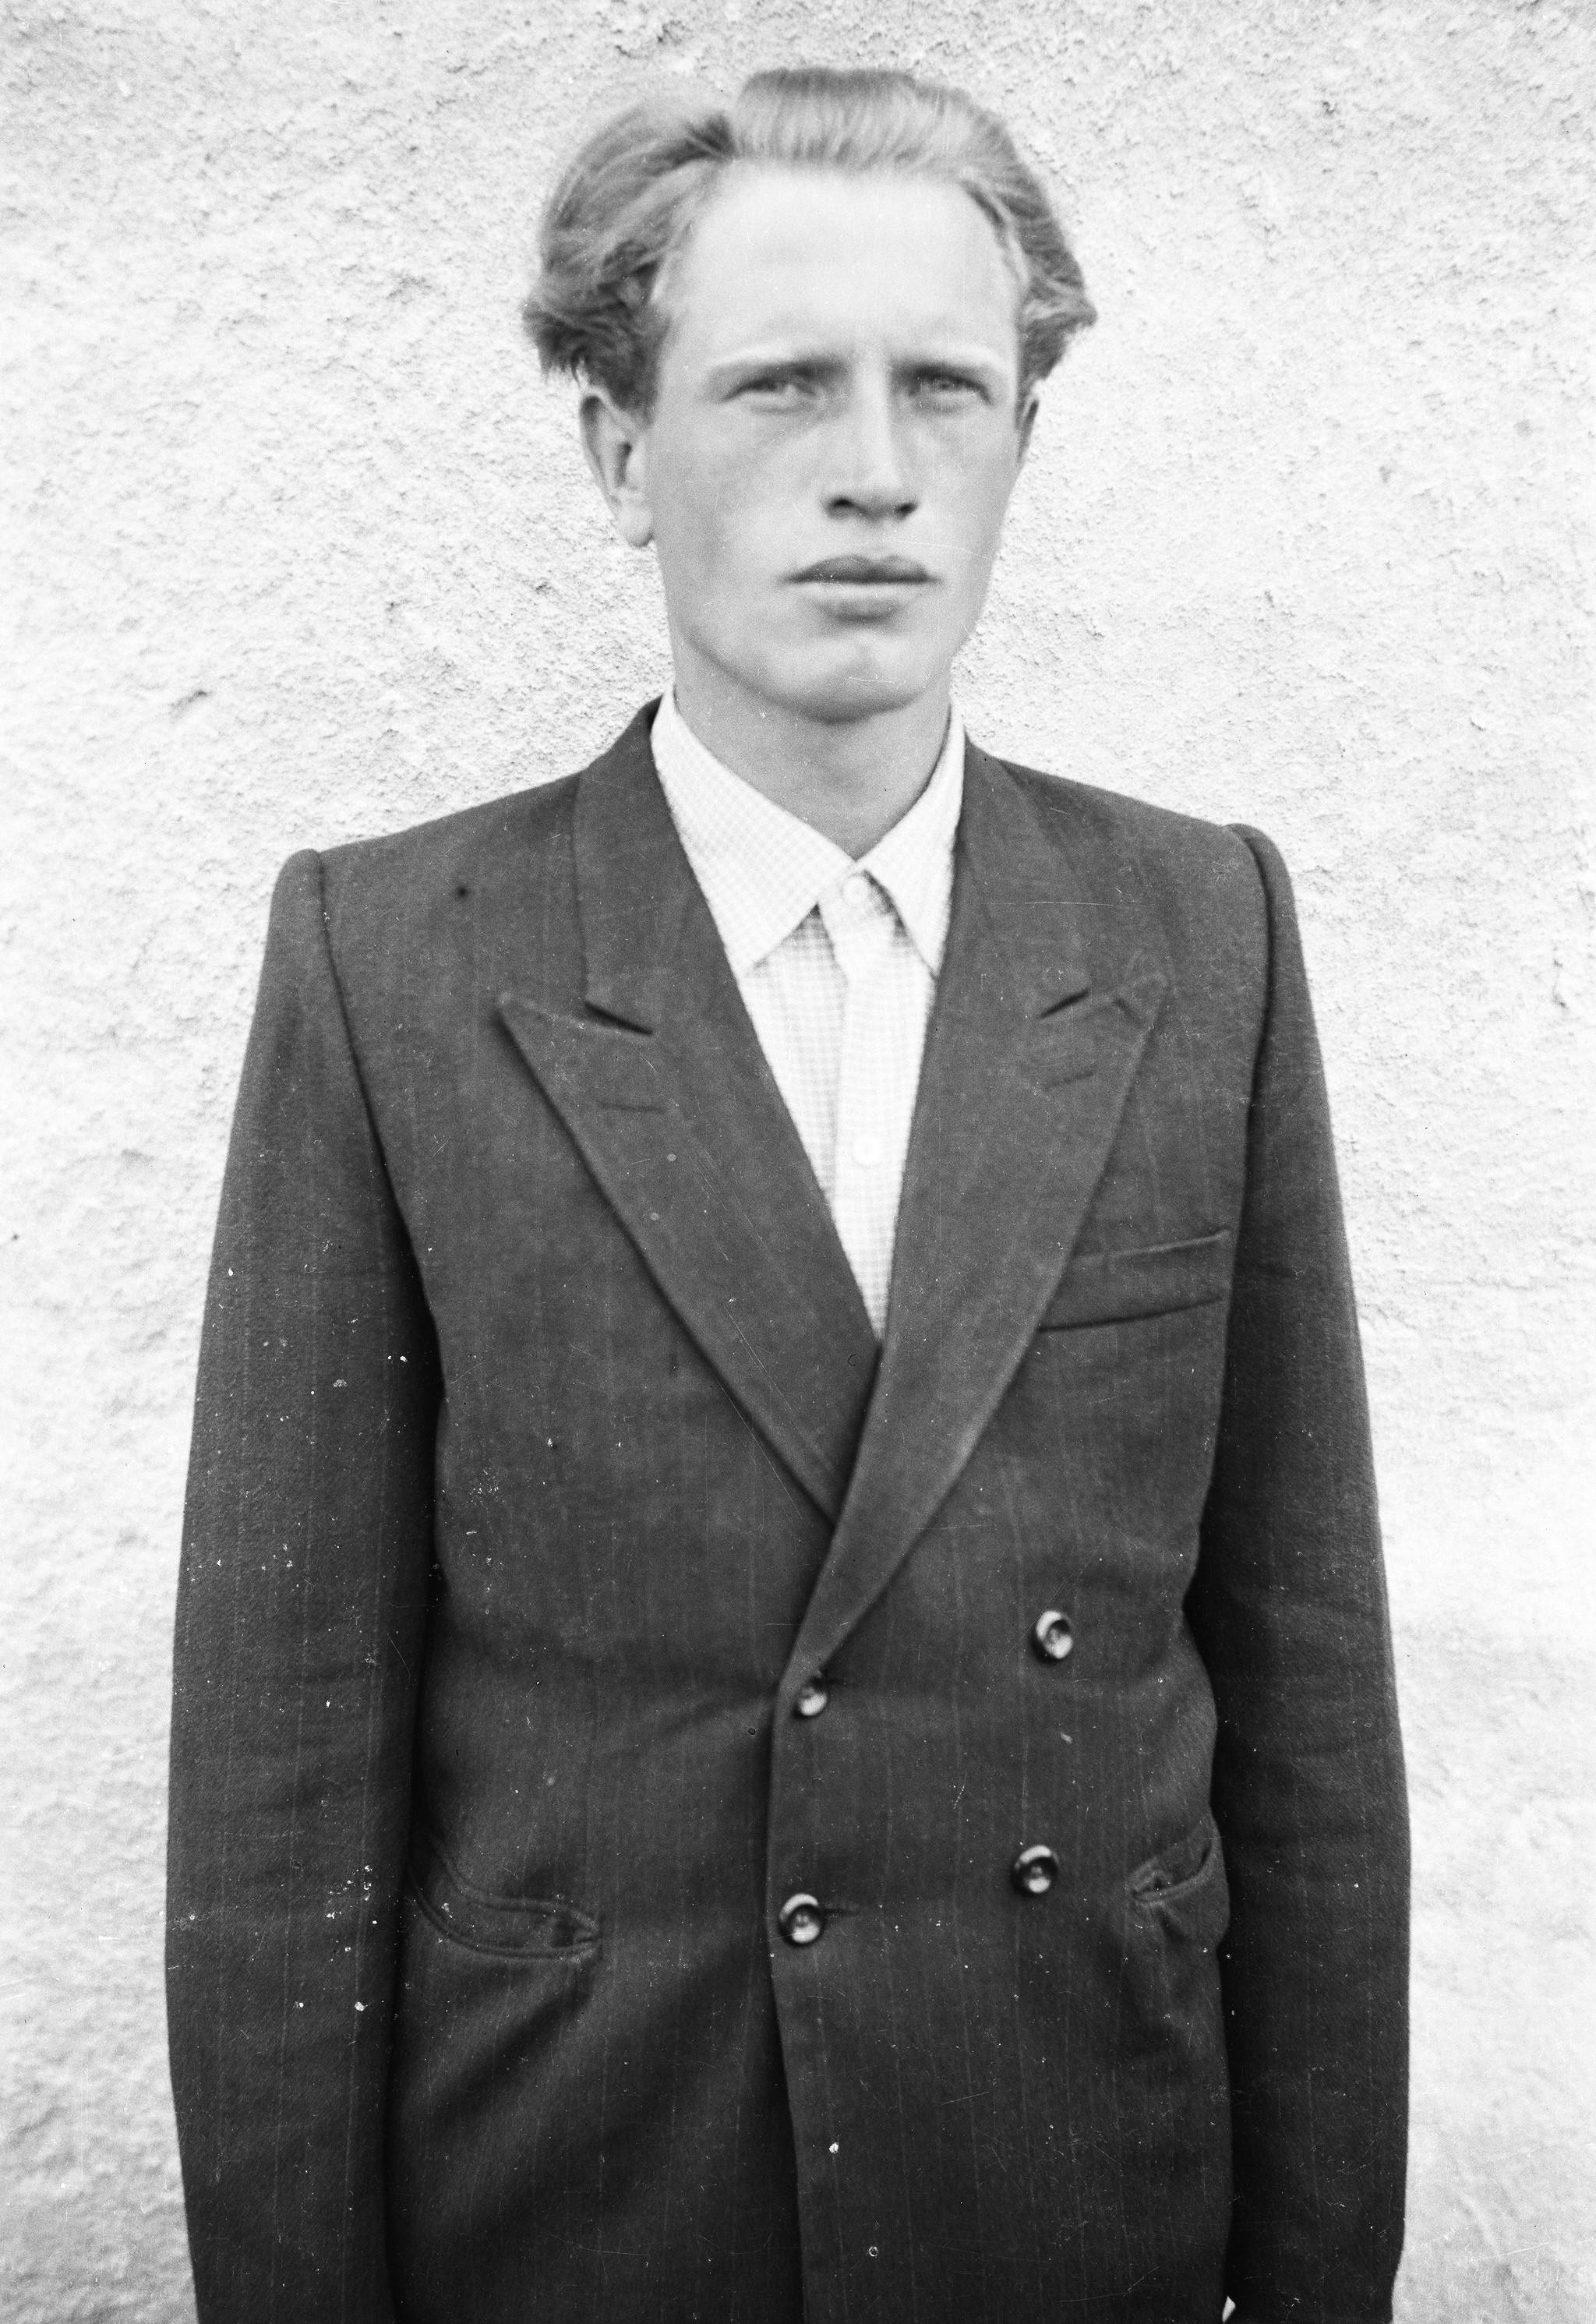 Portret młodego mężczyzny, Dolny Śląsk, lata 50. XX w.